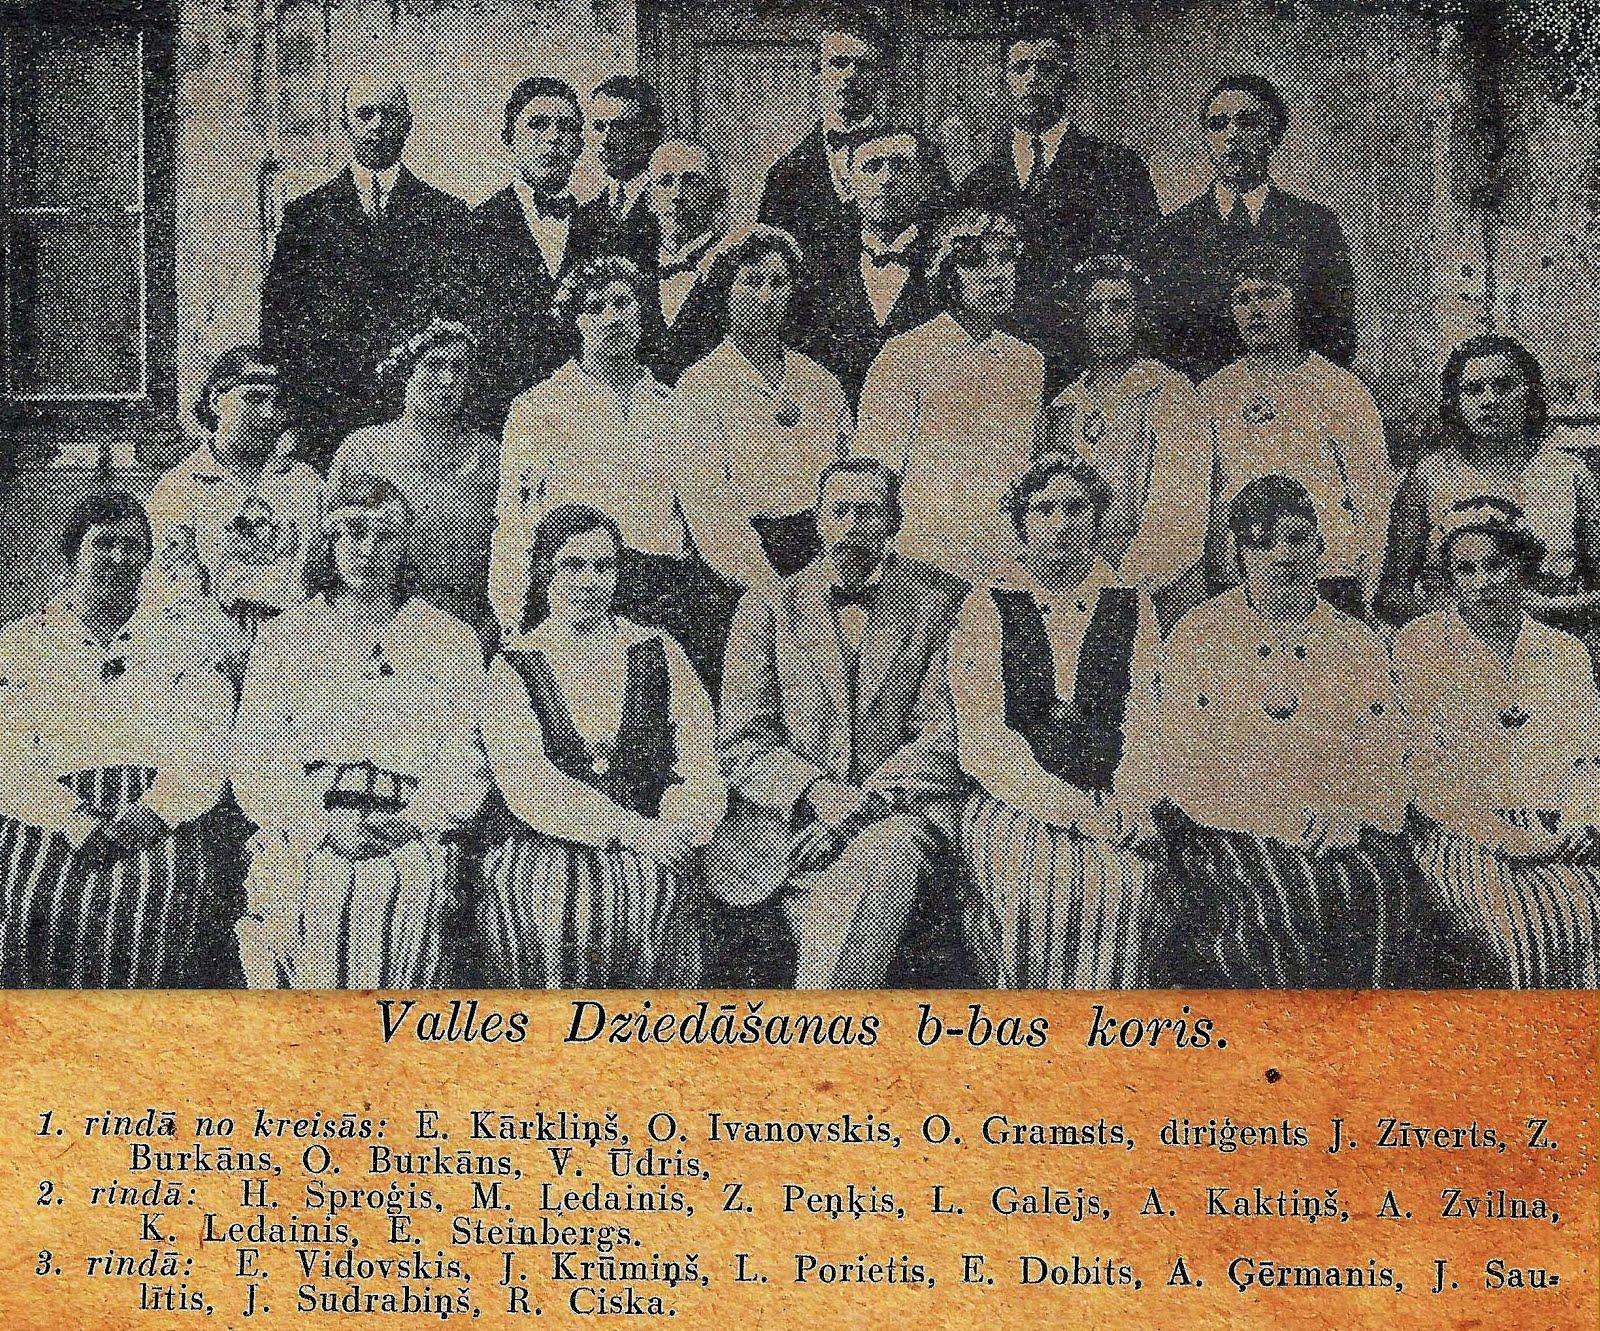 Valles dziedāšanas biedrības koris 1933. gadā . Diriģents Juris Zīverts